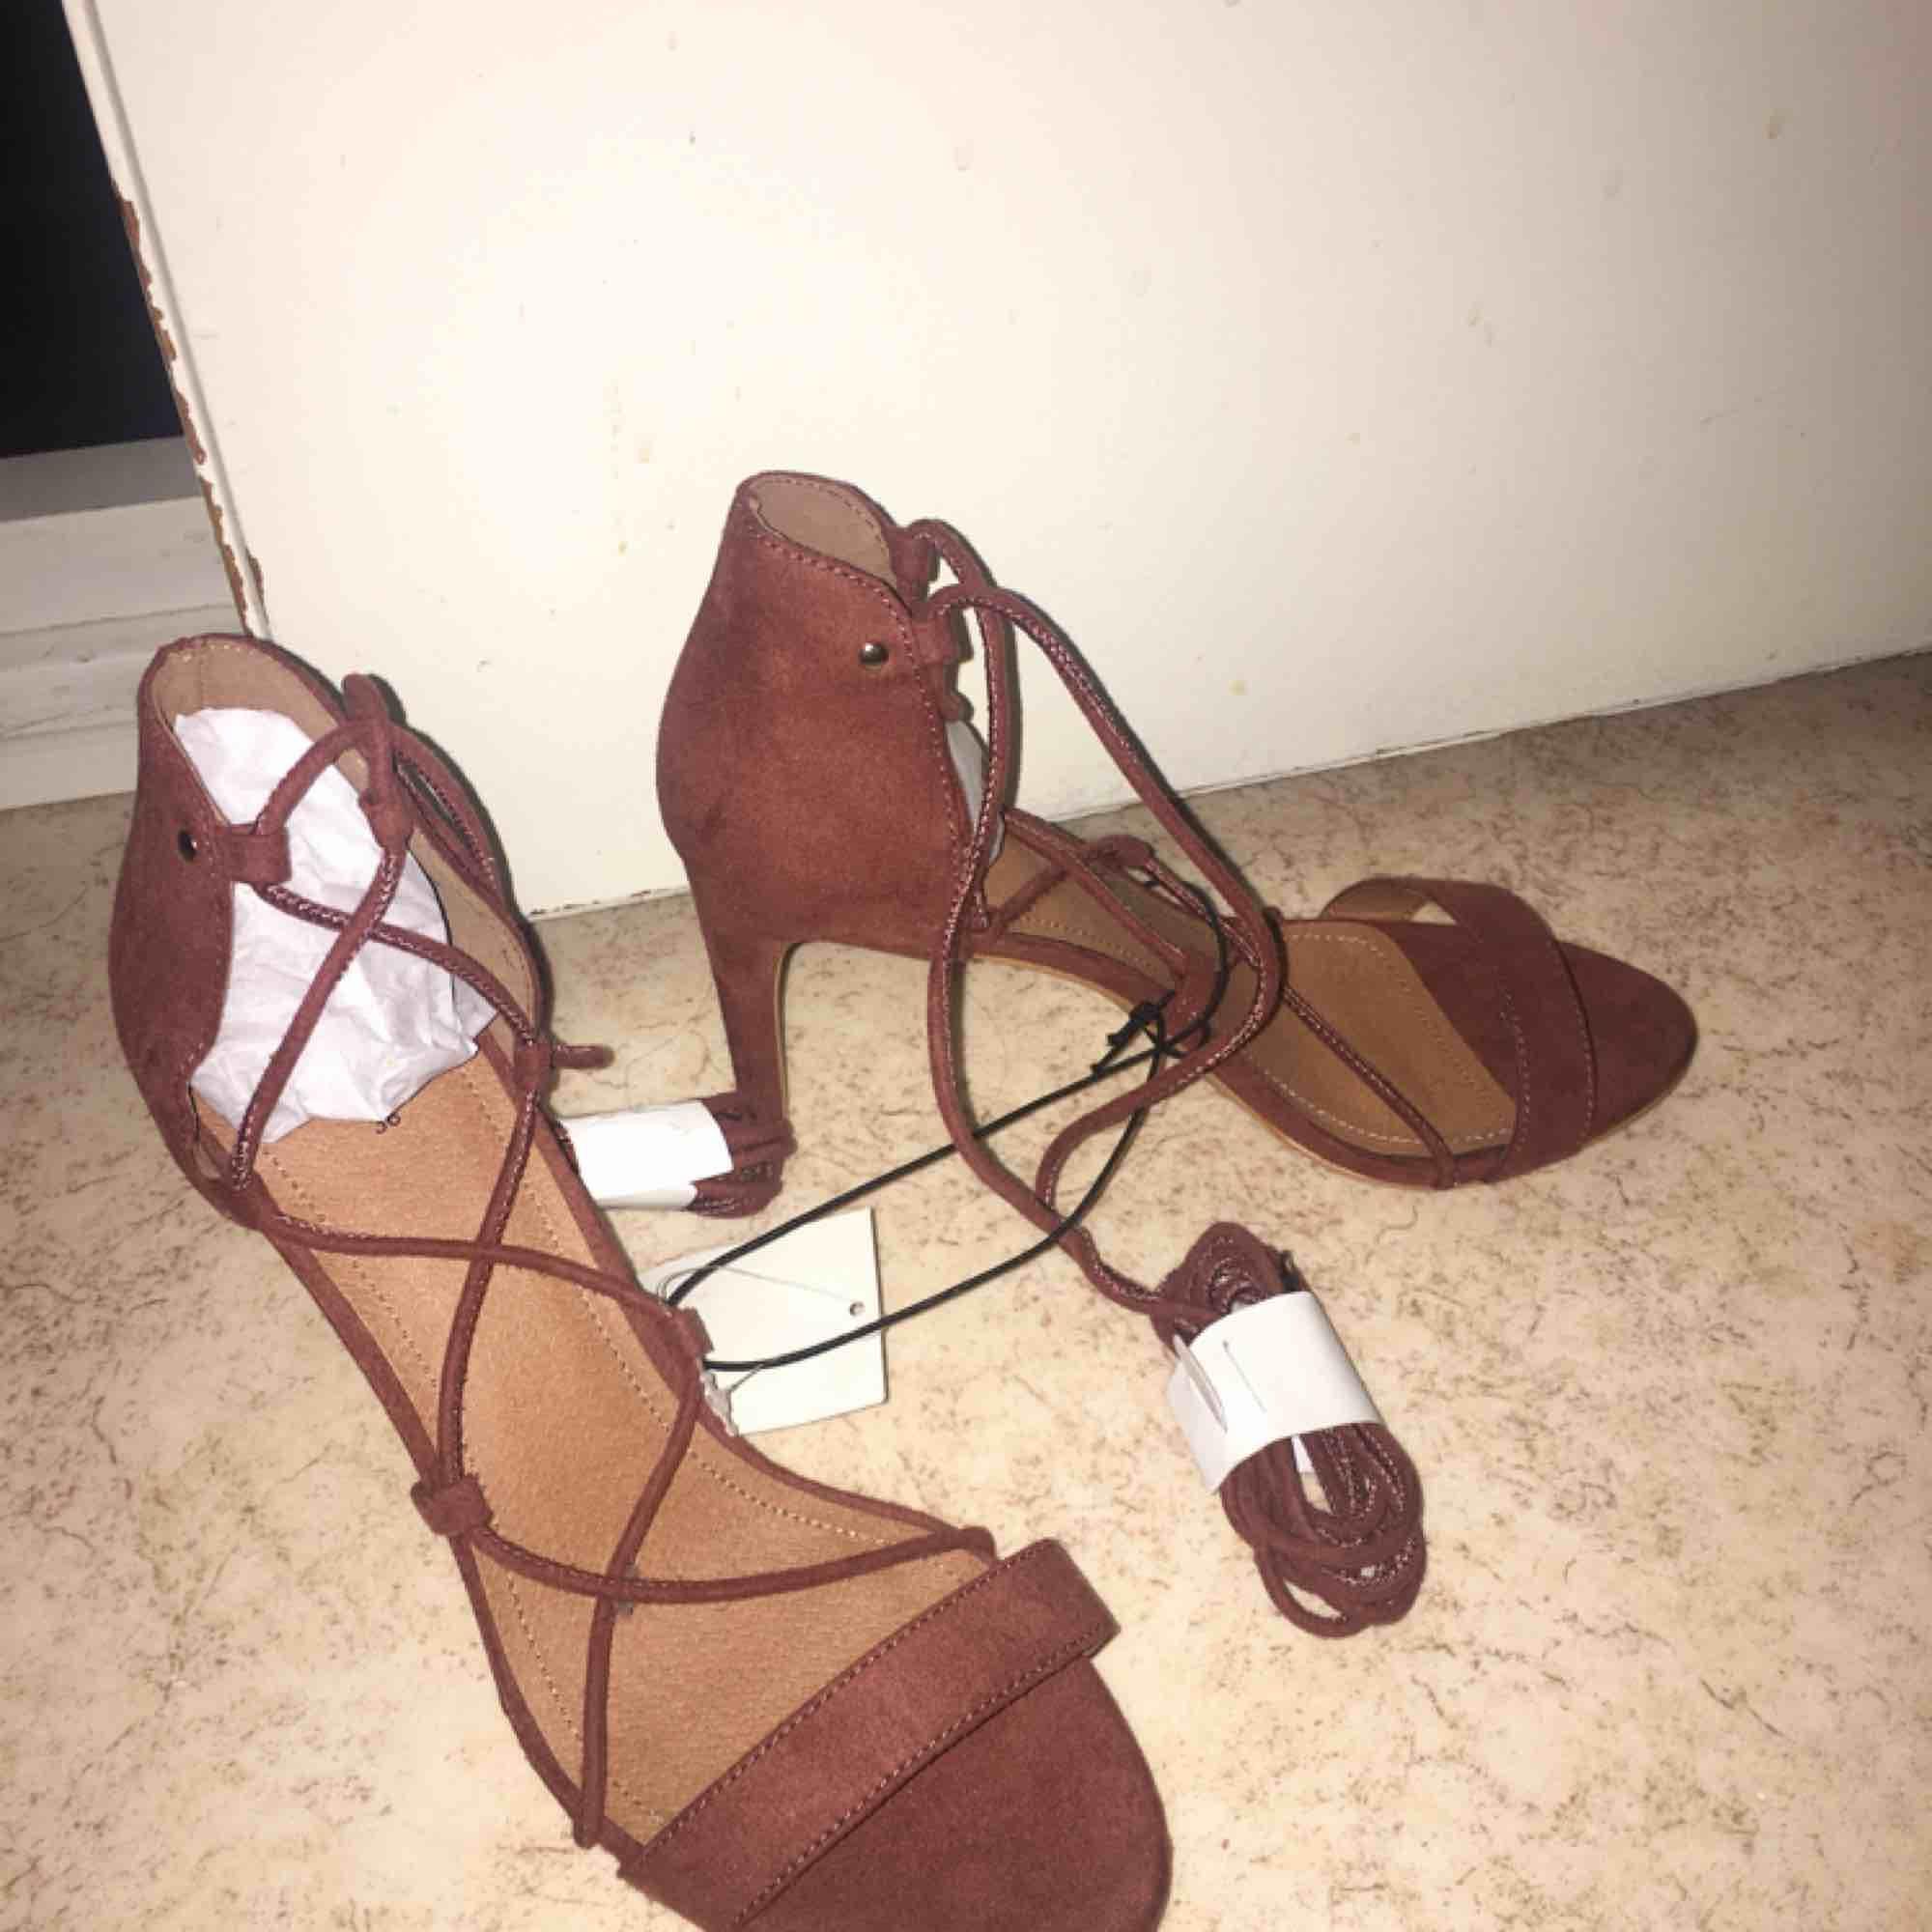 Mocka klackskor köpte i London, helt nya och oanvända. Kan mötas upp i Göteborg men för att frakta skorna kostar det 89kr. Skor.